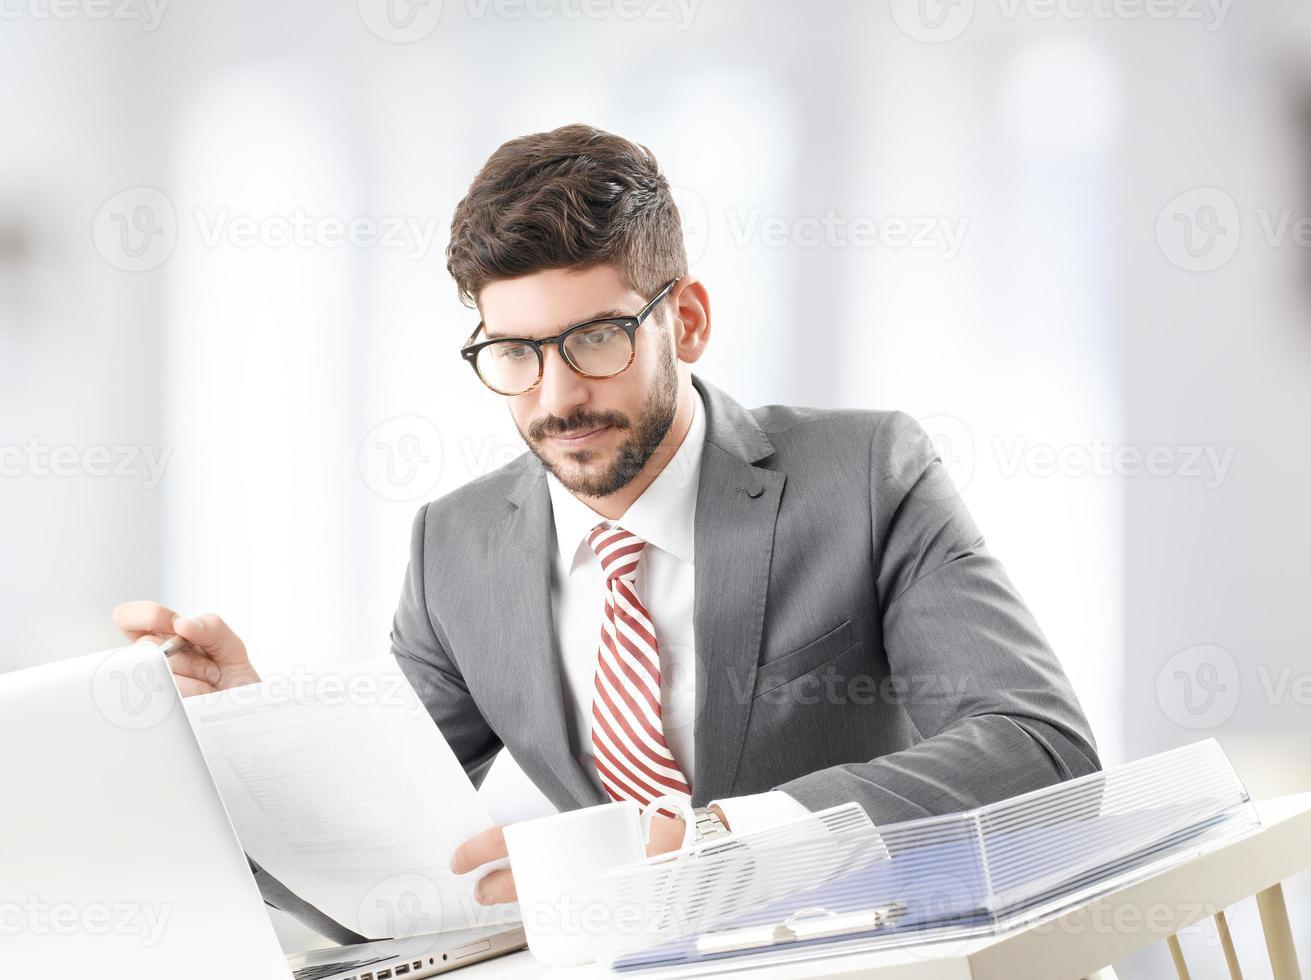 empresario en escritorio haciendo papeleo foto